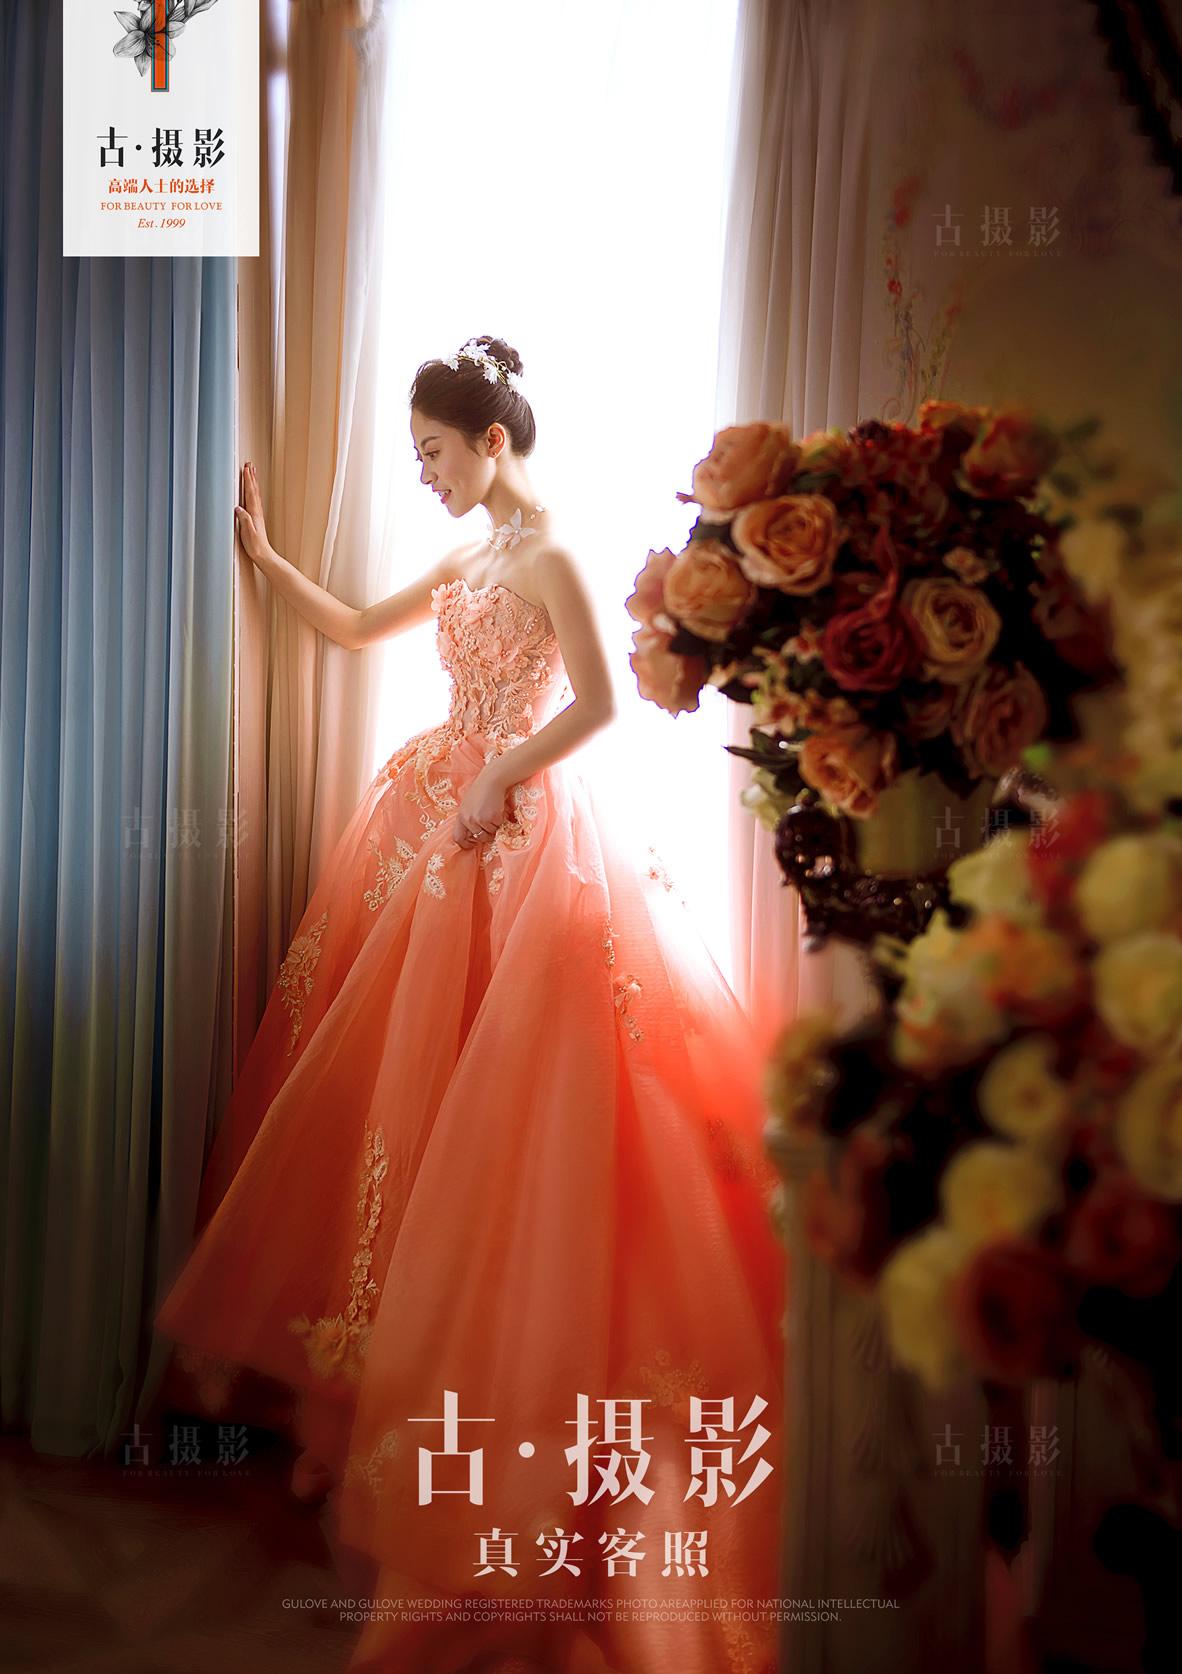 4月28日客片唐先生夫妇 - 每日客照 - 古摄影婚纱艺术-古摄影成都婚纱摄影艺术摄影网